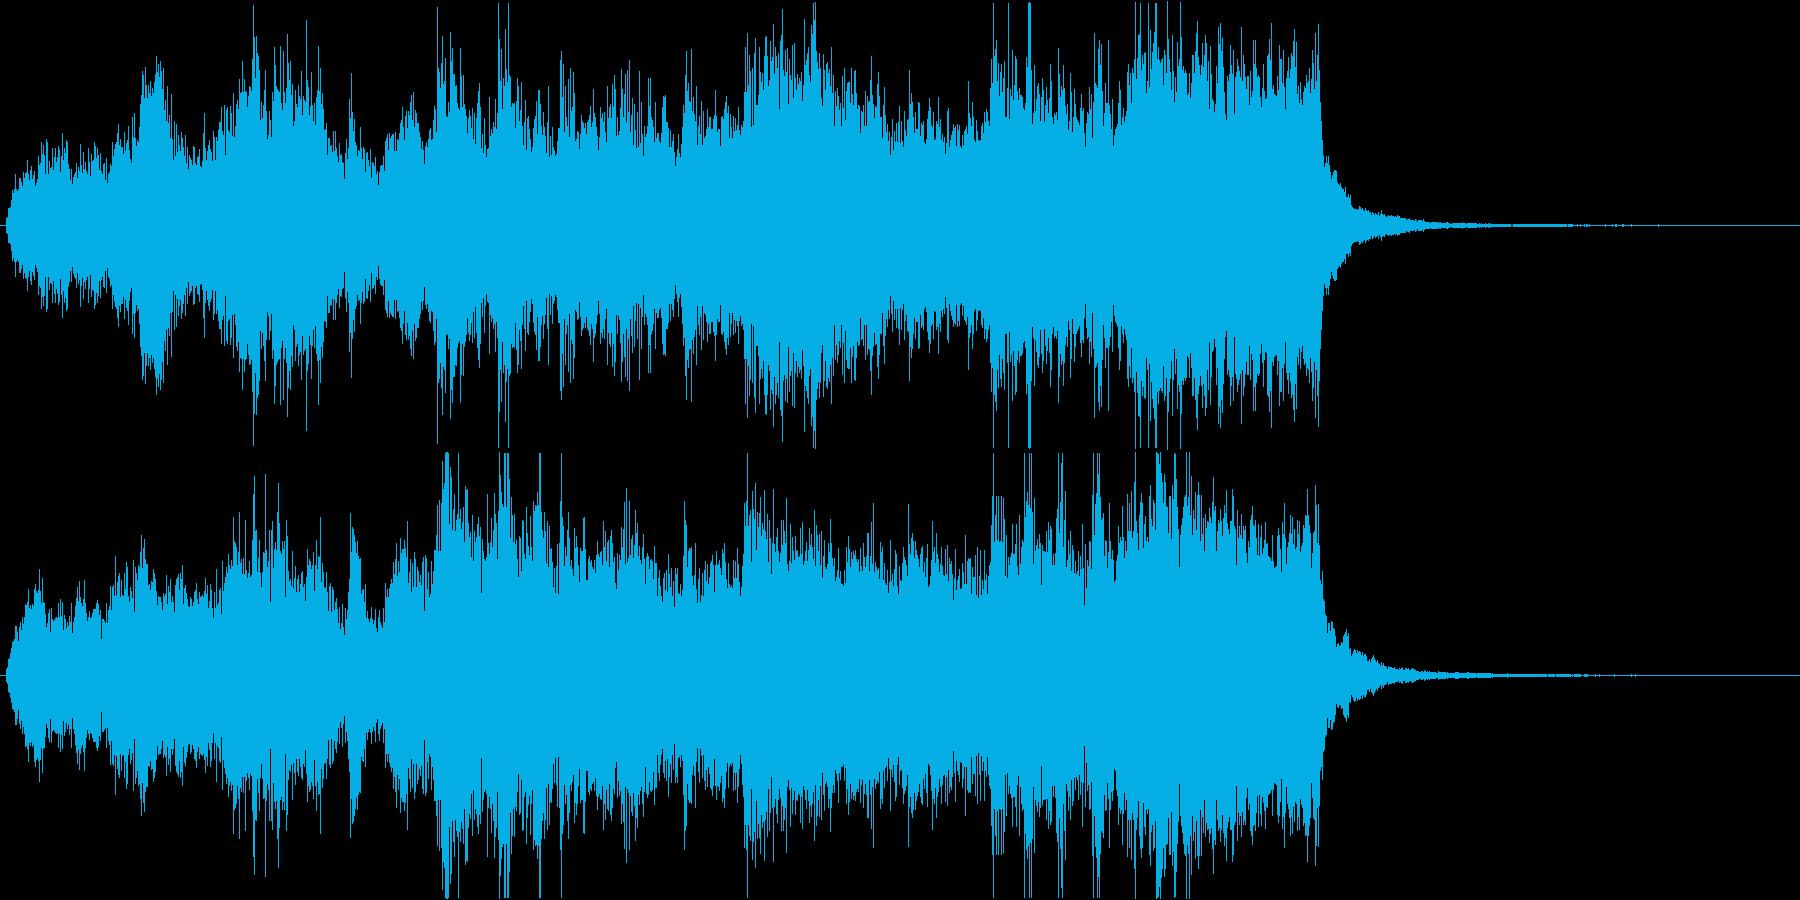 映画・トレーラーオープニング風ジングルの再生済みの波形